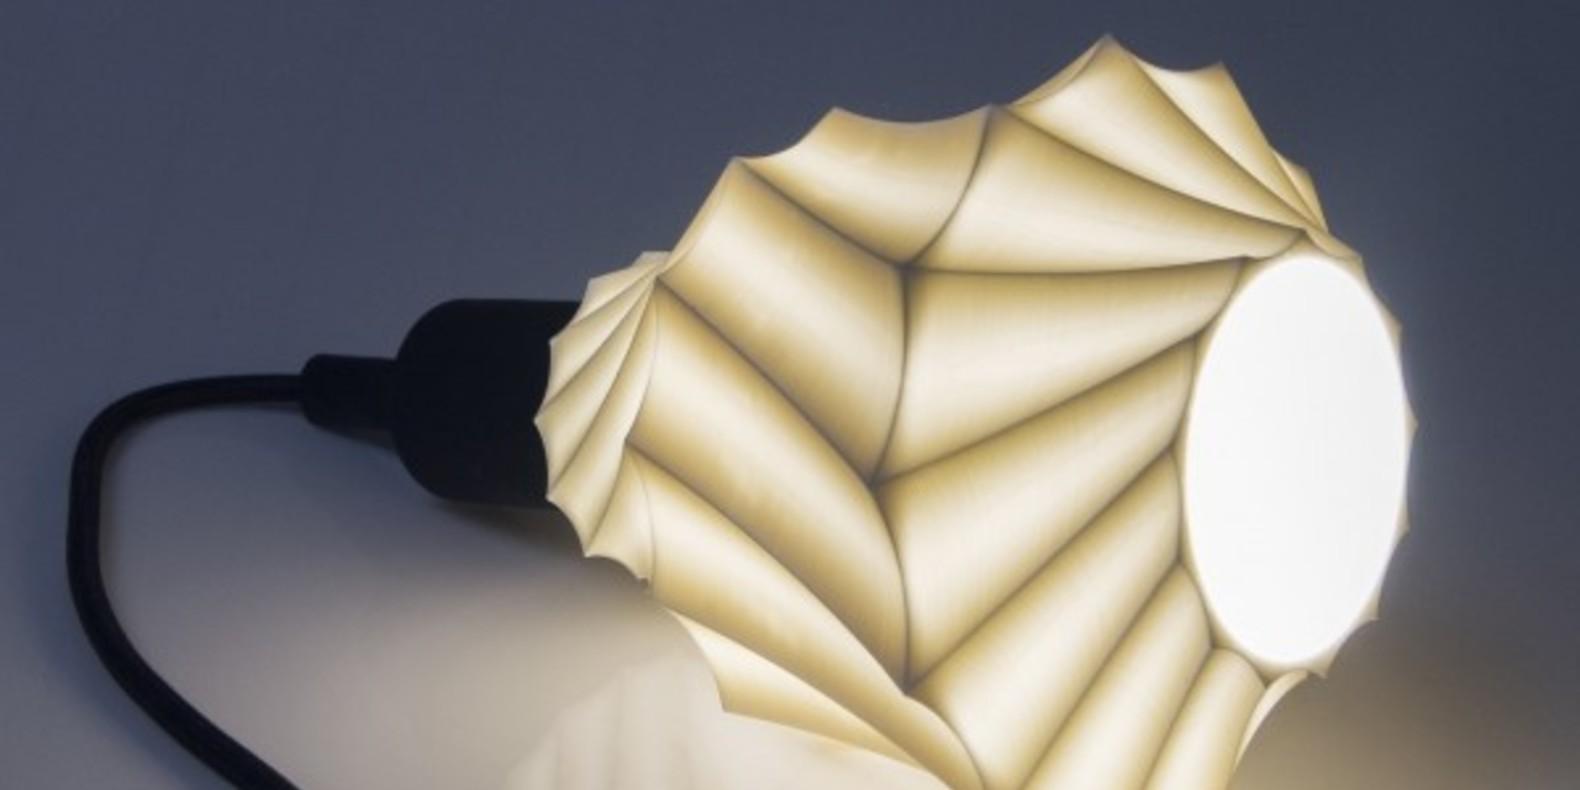 lampe-cults3D-fichier-3D-rem_s-1.jpg